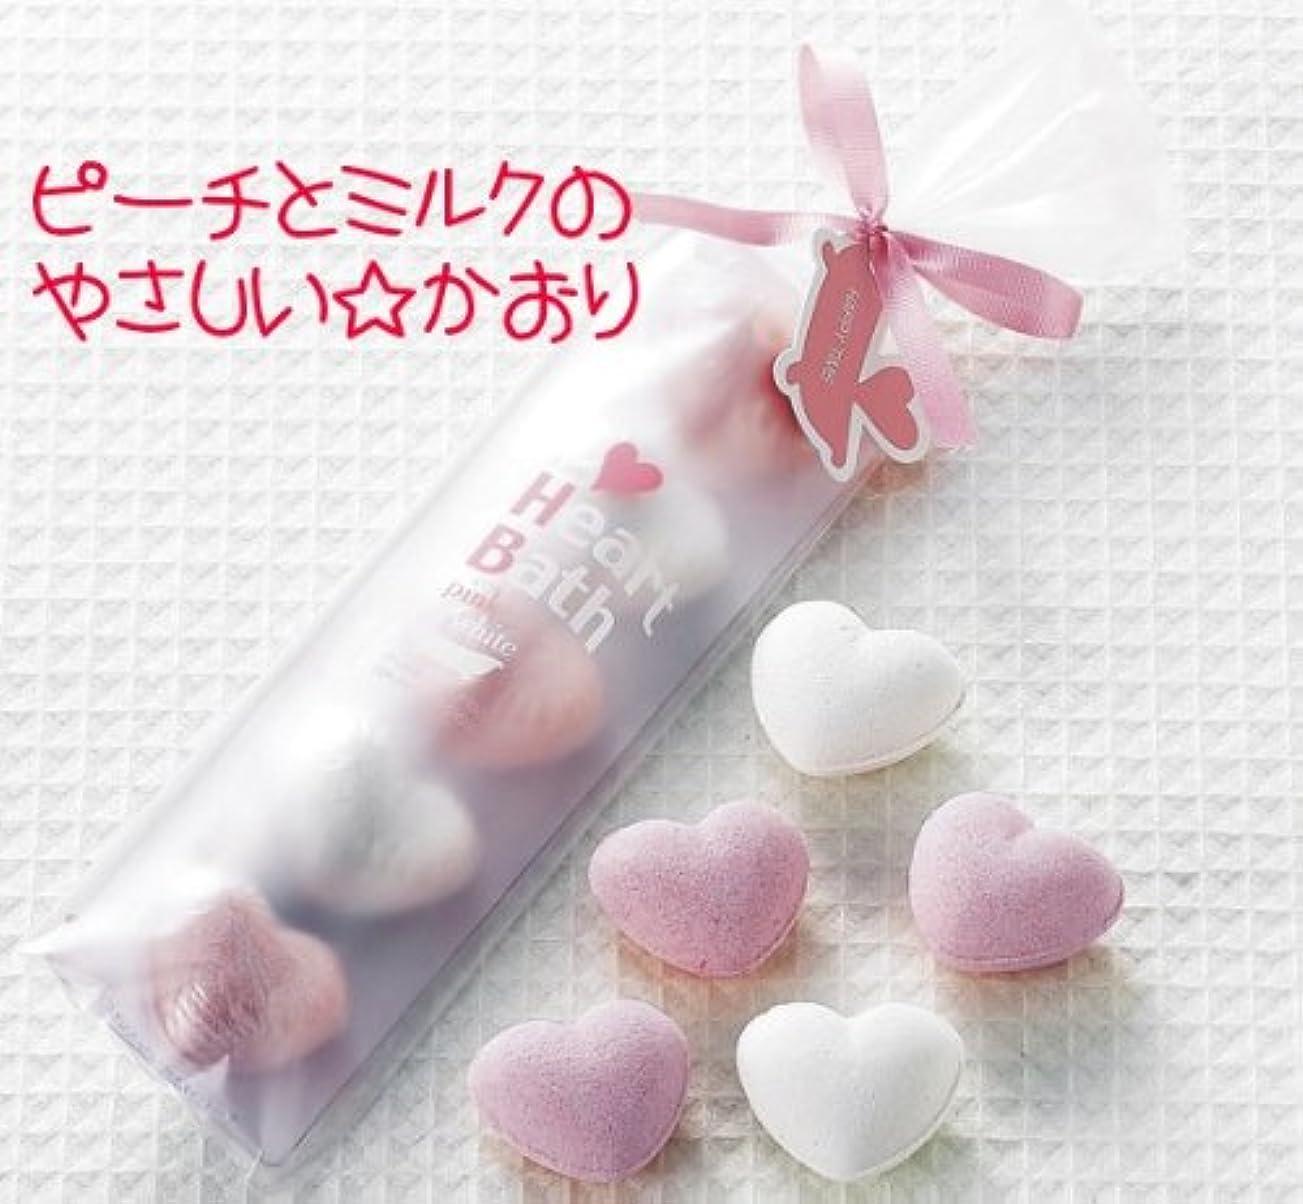 ファンネルウェブスパイダー汚い優先ハートの入浴剤 ピーチ&ミルク【結婚式 二次会 プチギフト】